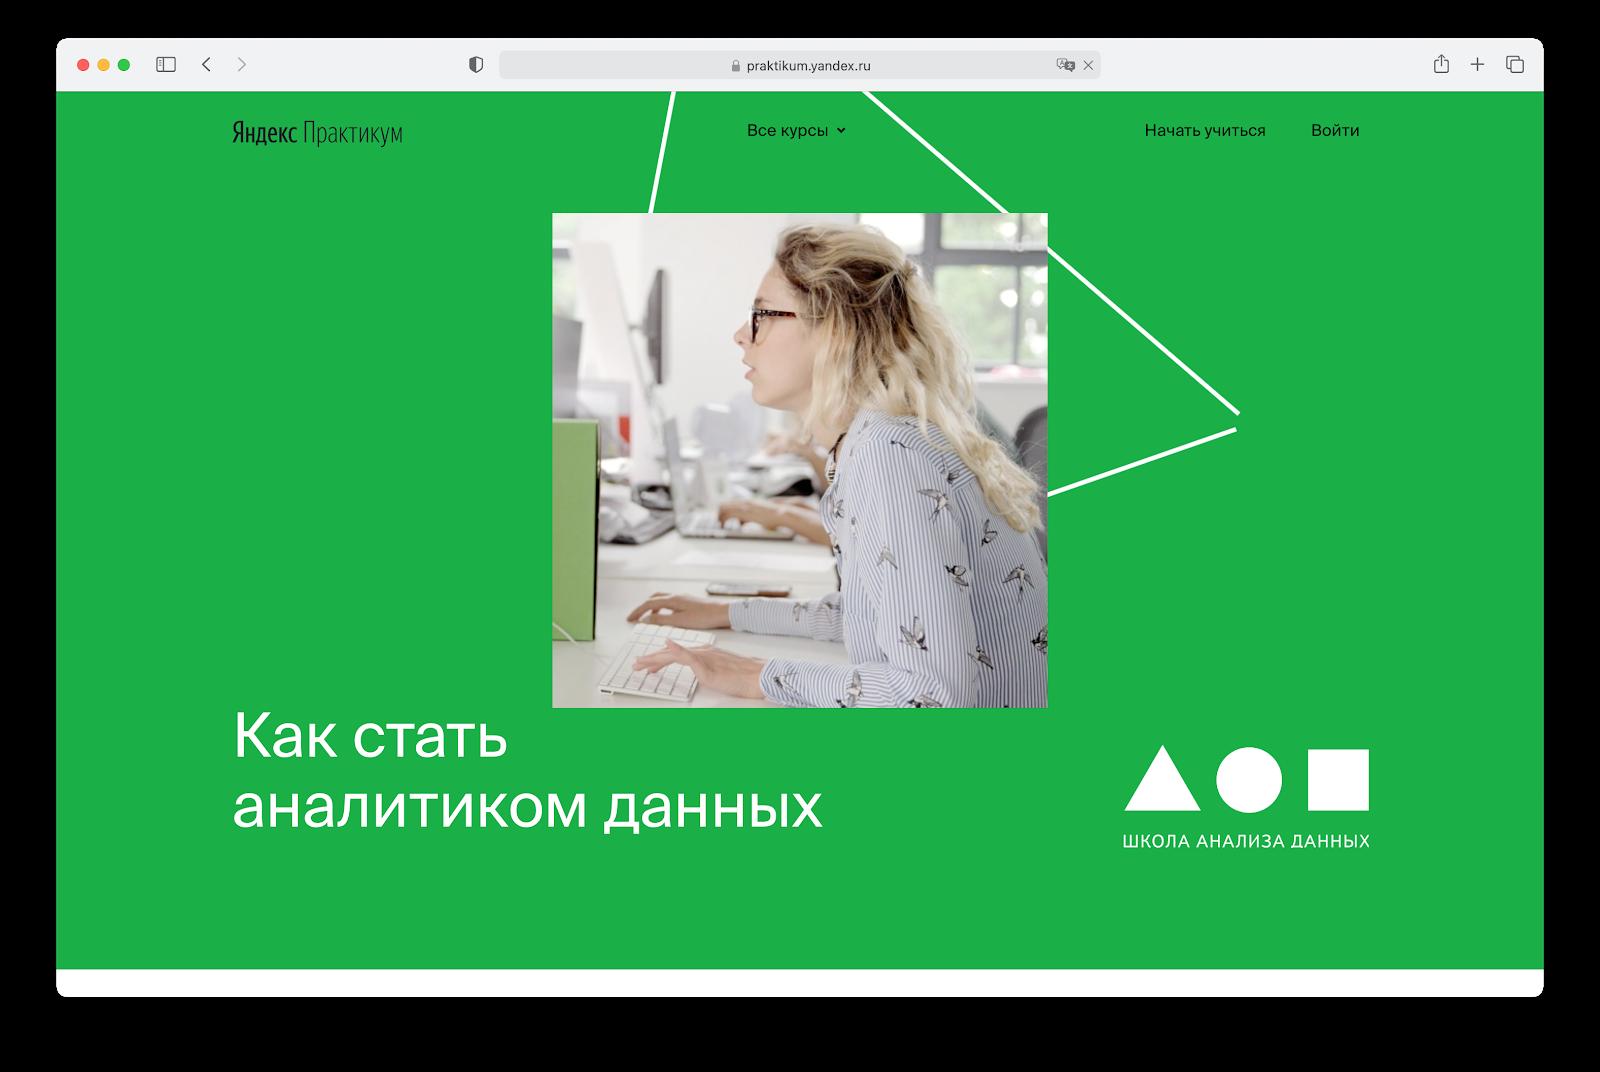 Профессия аналитик данных. Обучение в сервисе Яндекс.Практикум